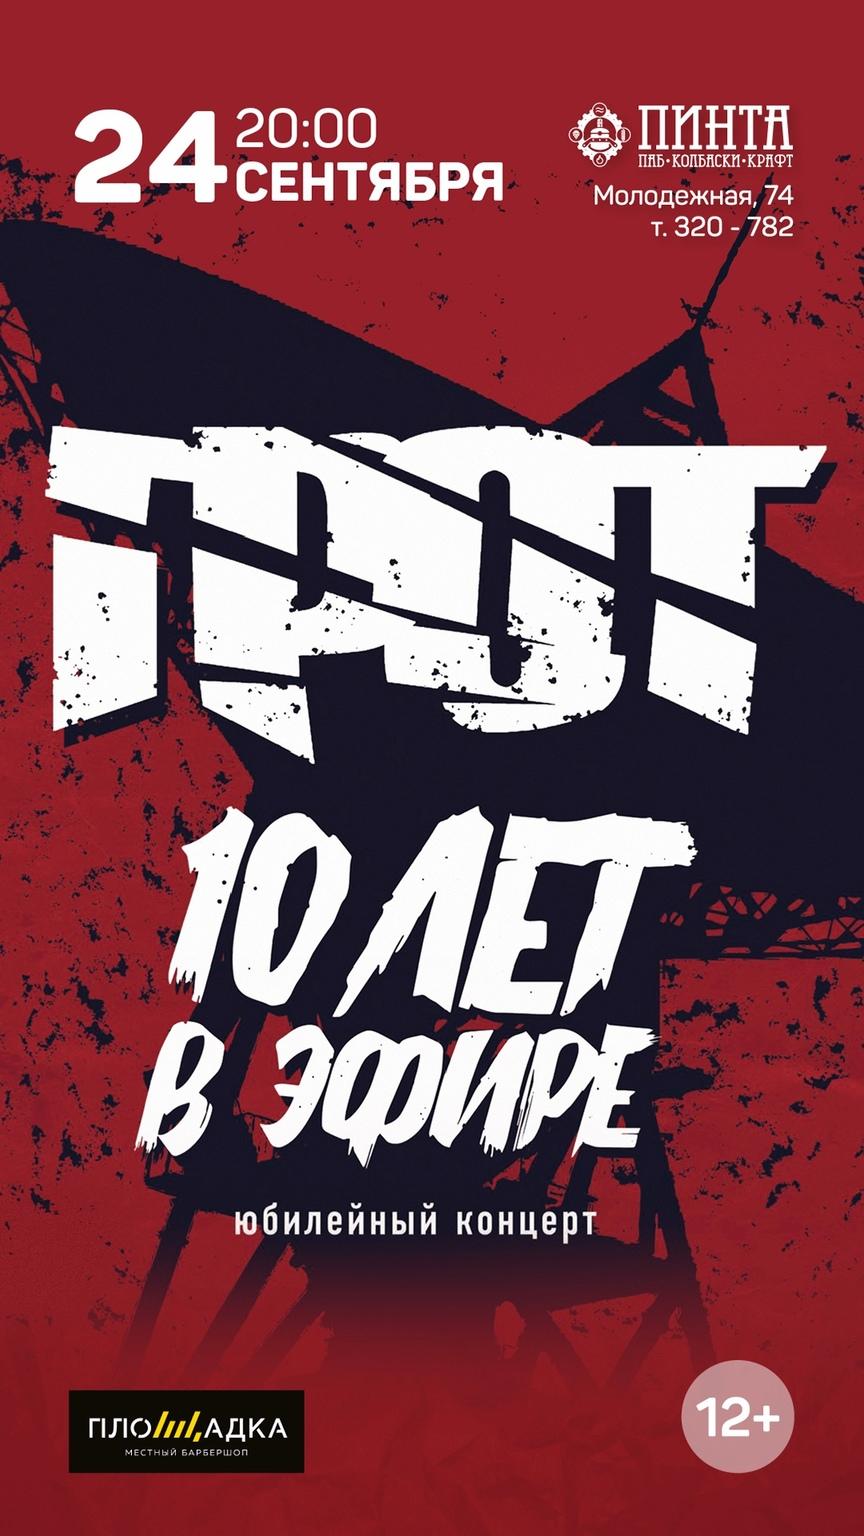 Афиша Ижевска — Юбилейный концерт группы «ГРОТ»